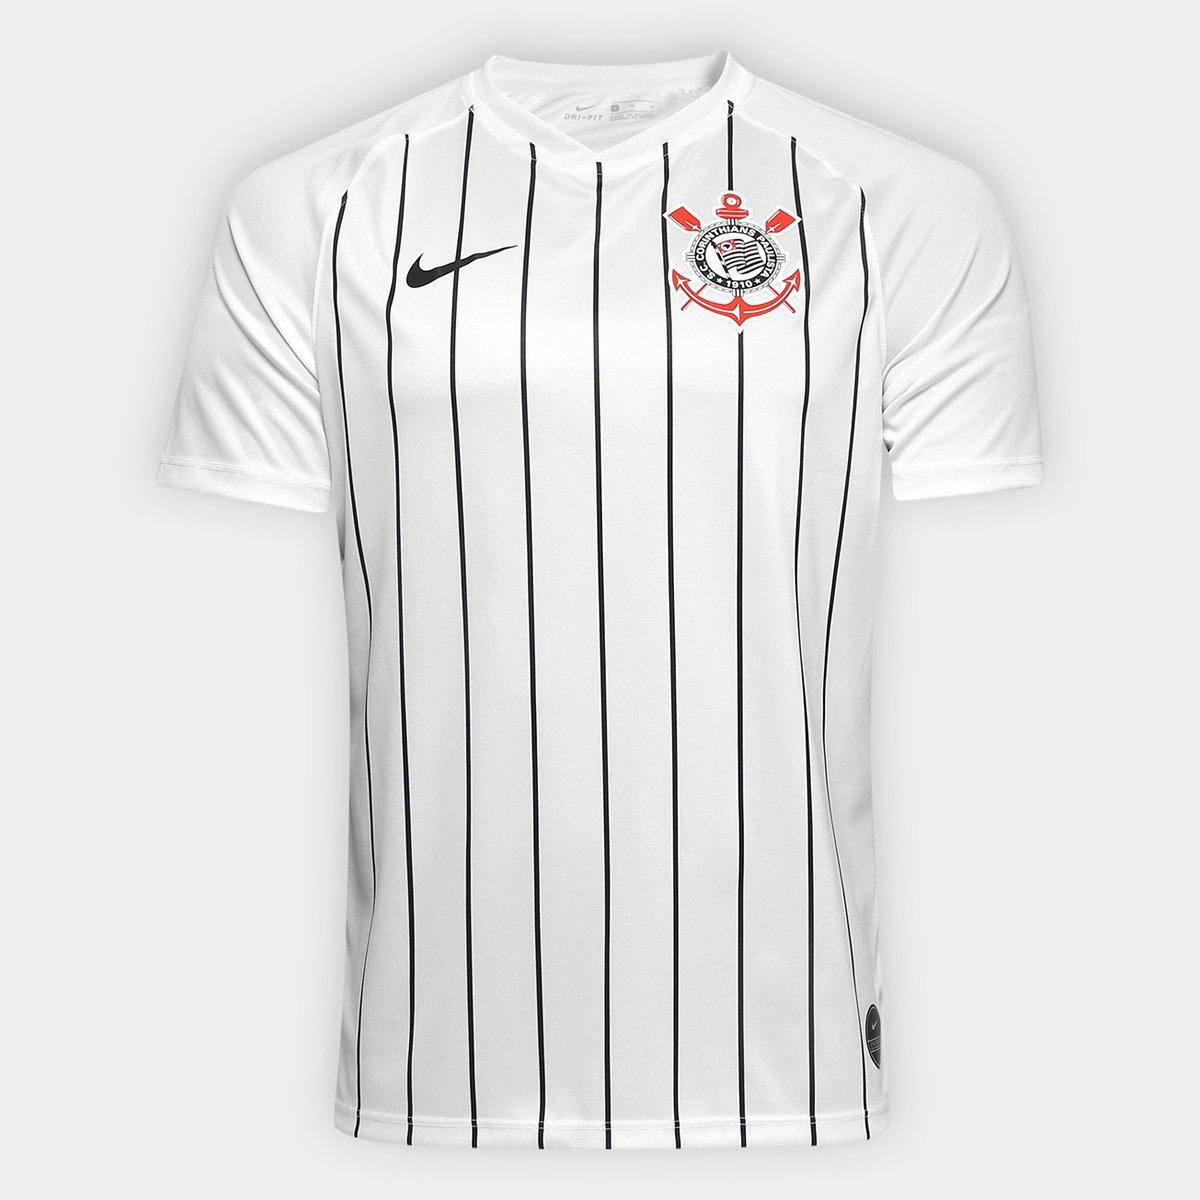 05c147cbad Camisa Corinthians I 19/20 s/nº Estádio Nike Masculina - Branco e Preto |  Shop Timão